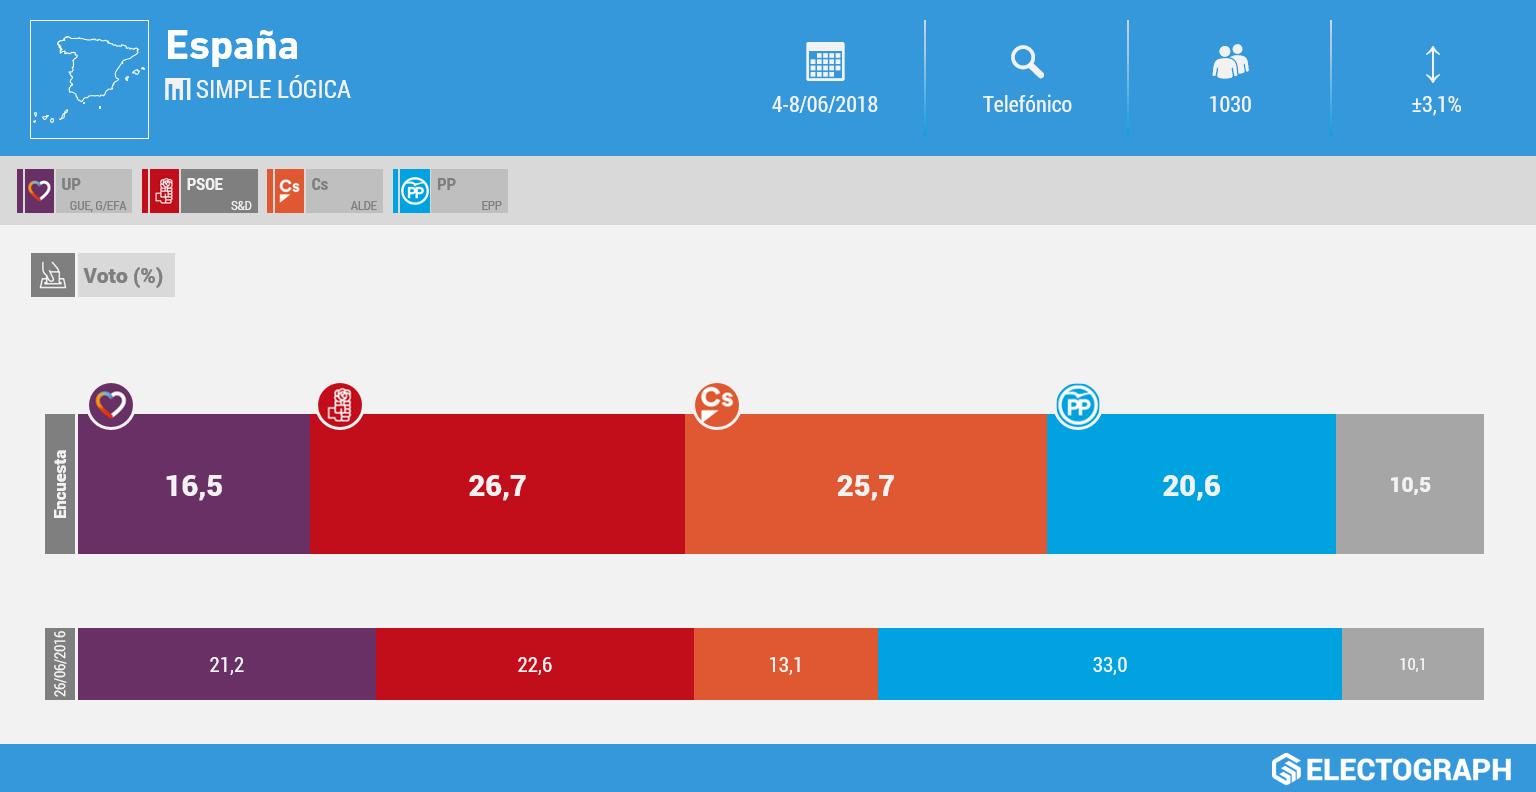 Gráfico de la encuesta para elecciones generales en España realizada por Simple Lógica en junio de 2018